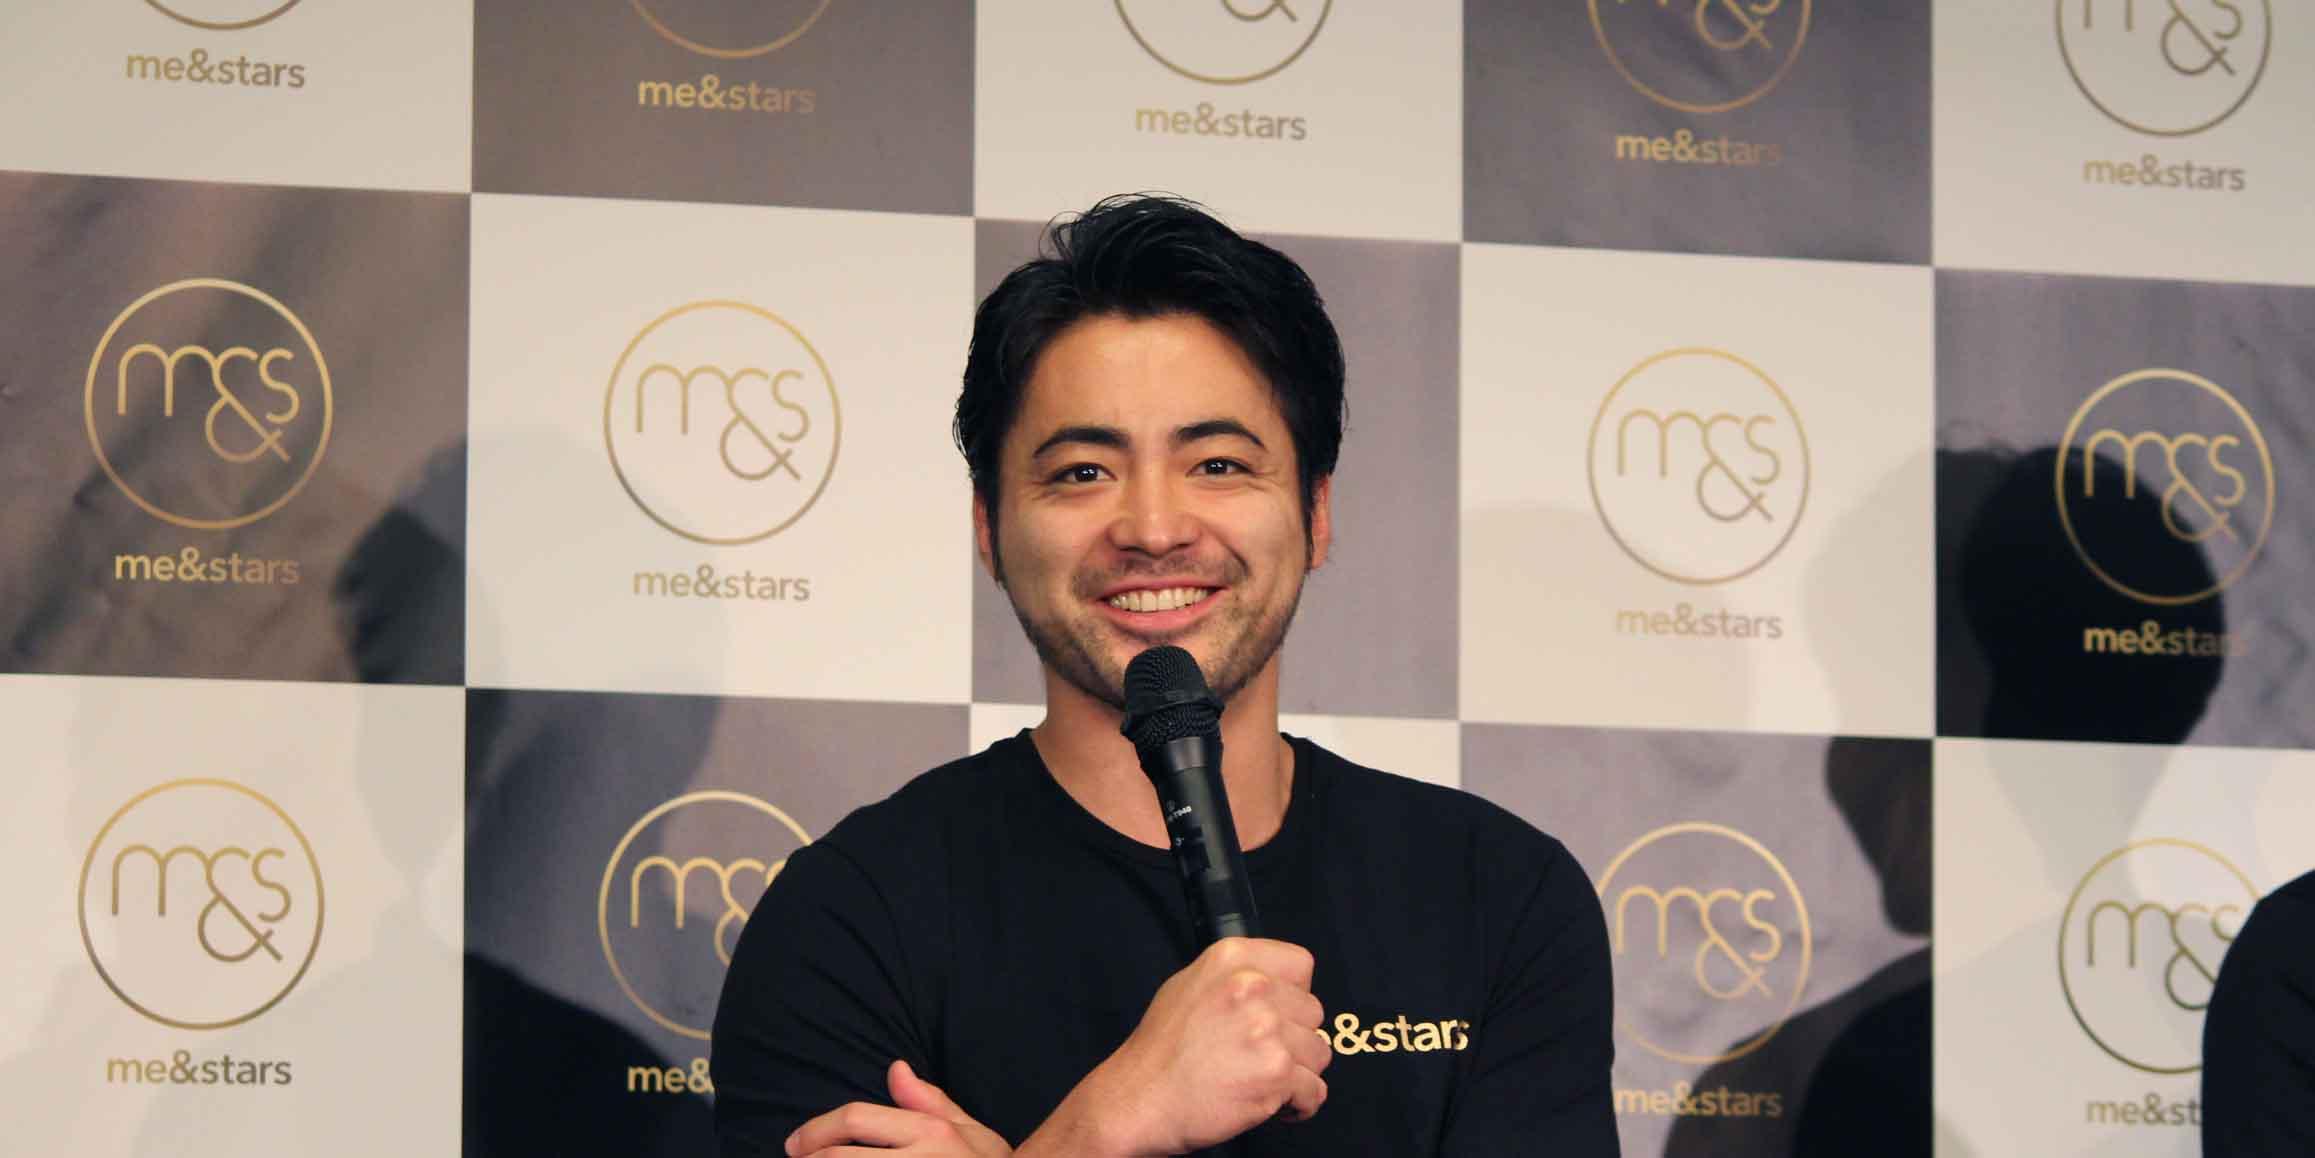 山田孝之氏、CIO就任で俳優業と役員業の比重は? 「バランスは取ろうと思います」